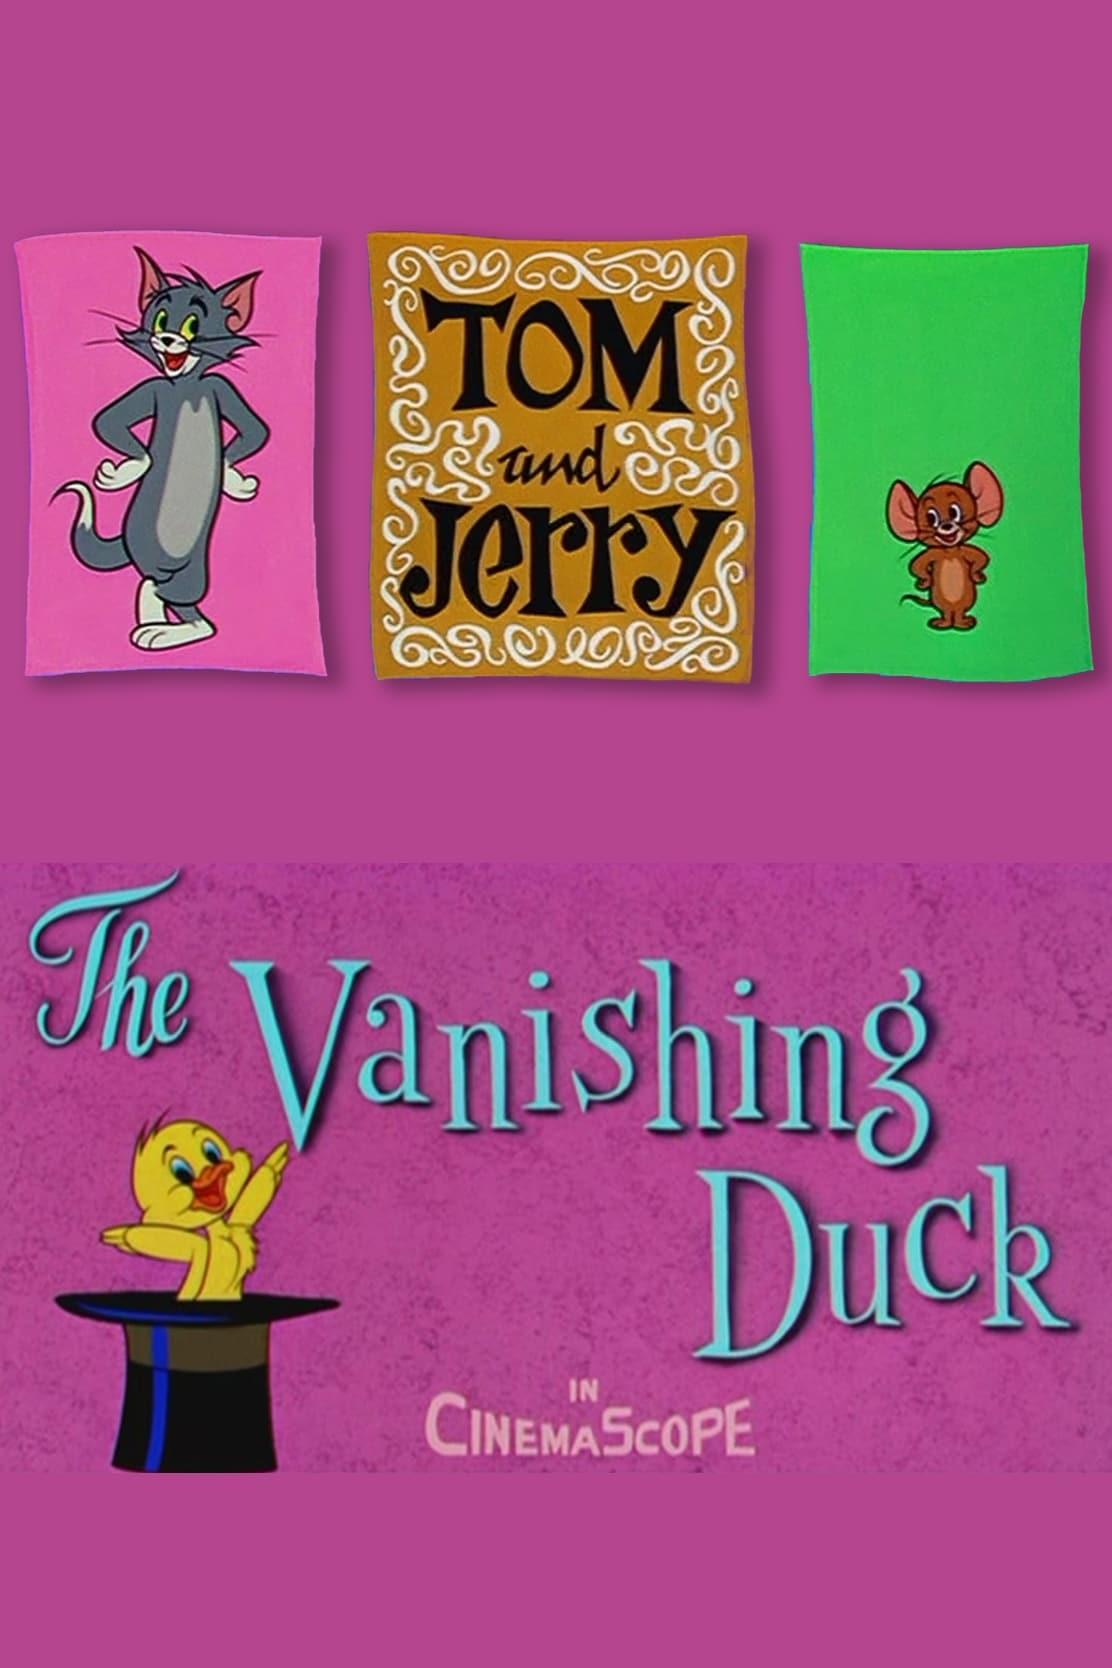 The Vanishing Duck (1958)